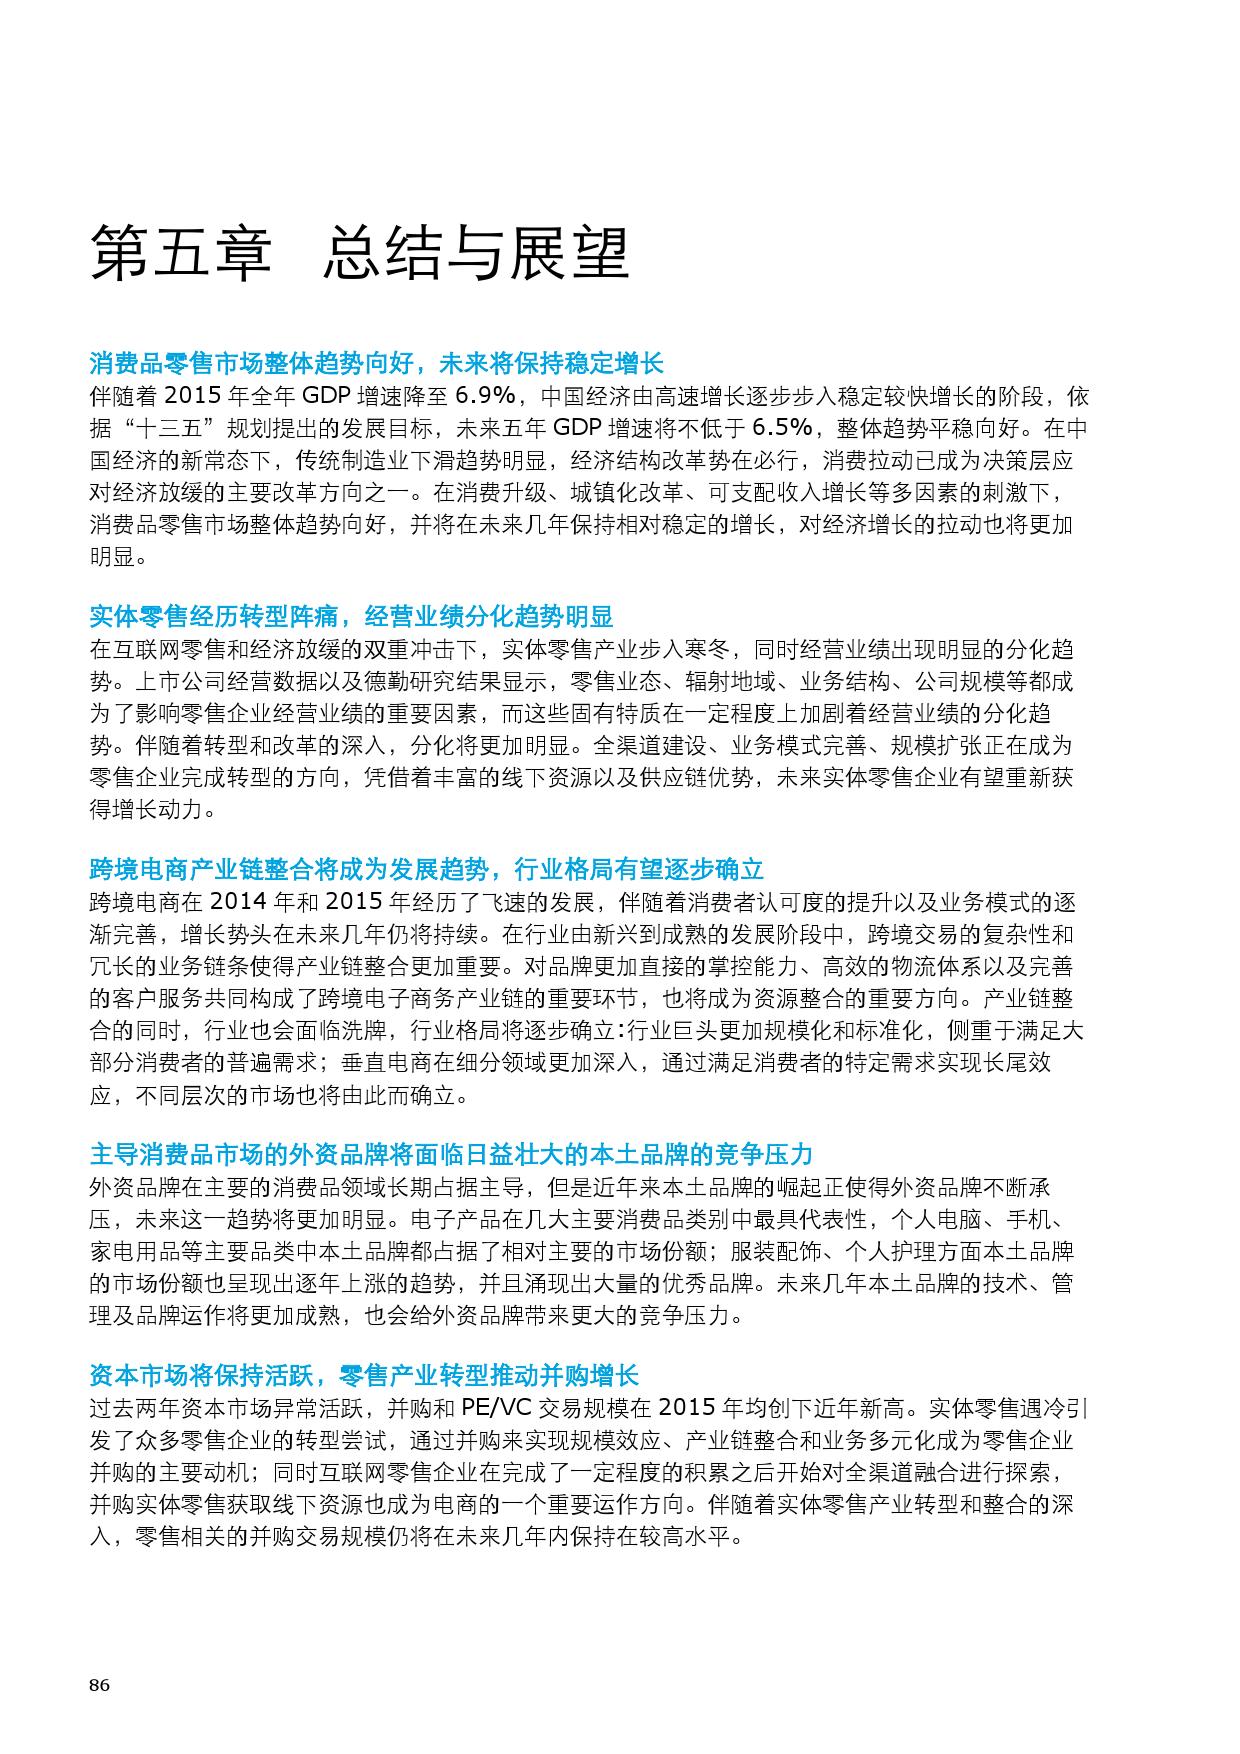 2015中国零售产业投资促进报告_000094